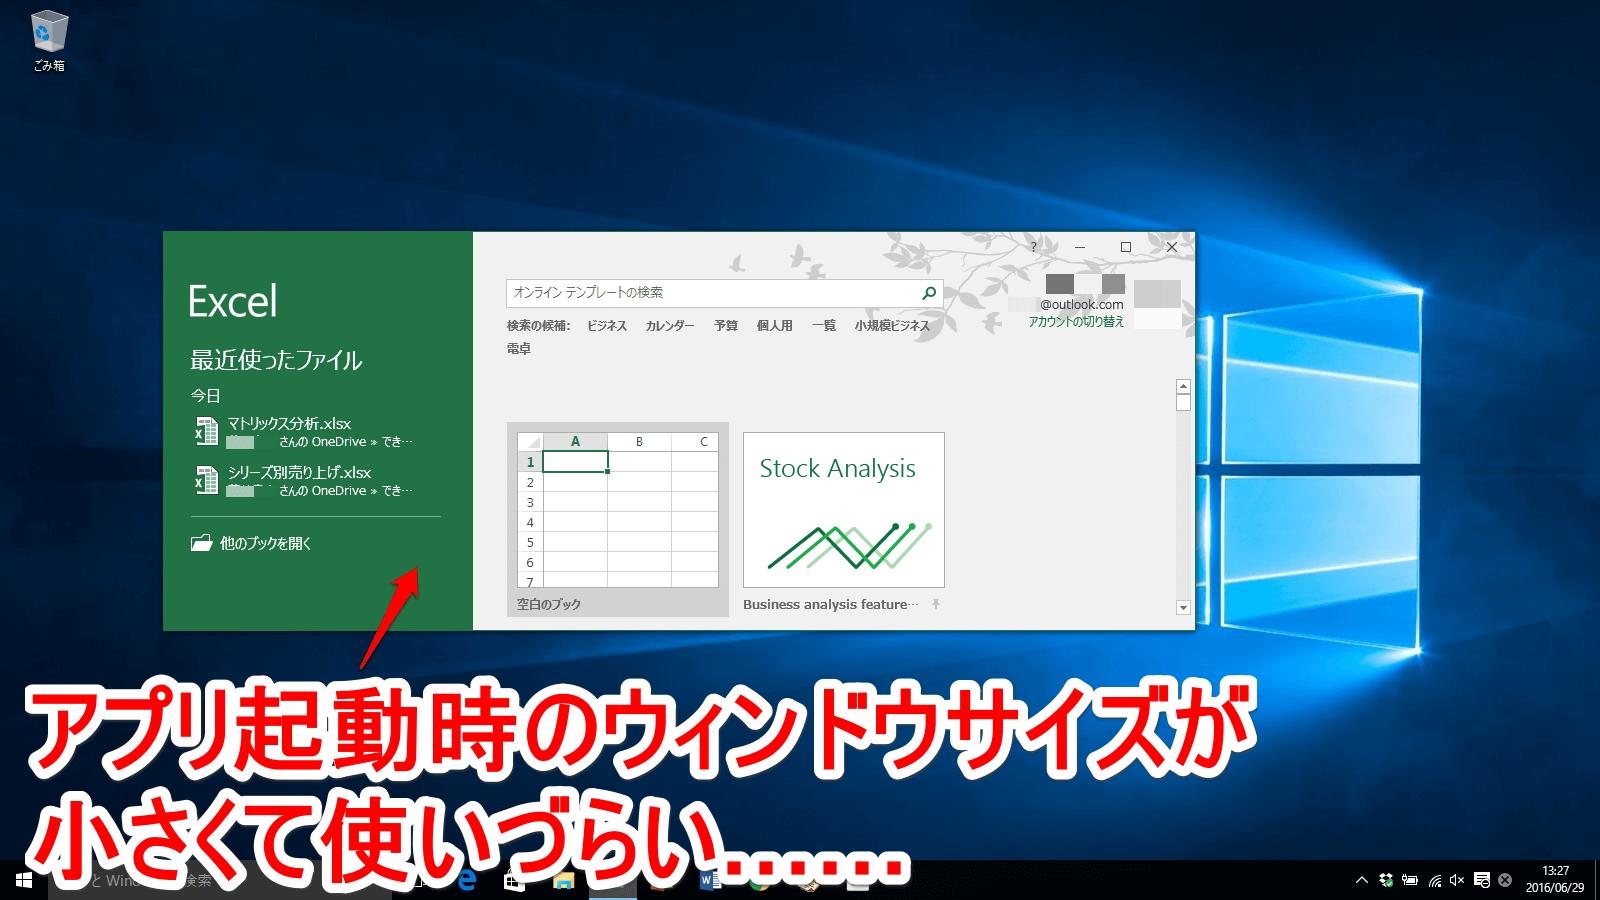 Excelが小さい画面で起動してしまったところ